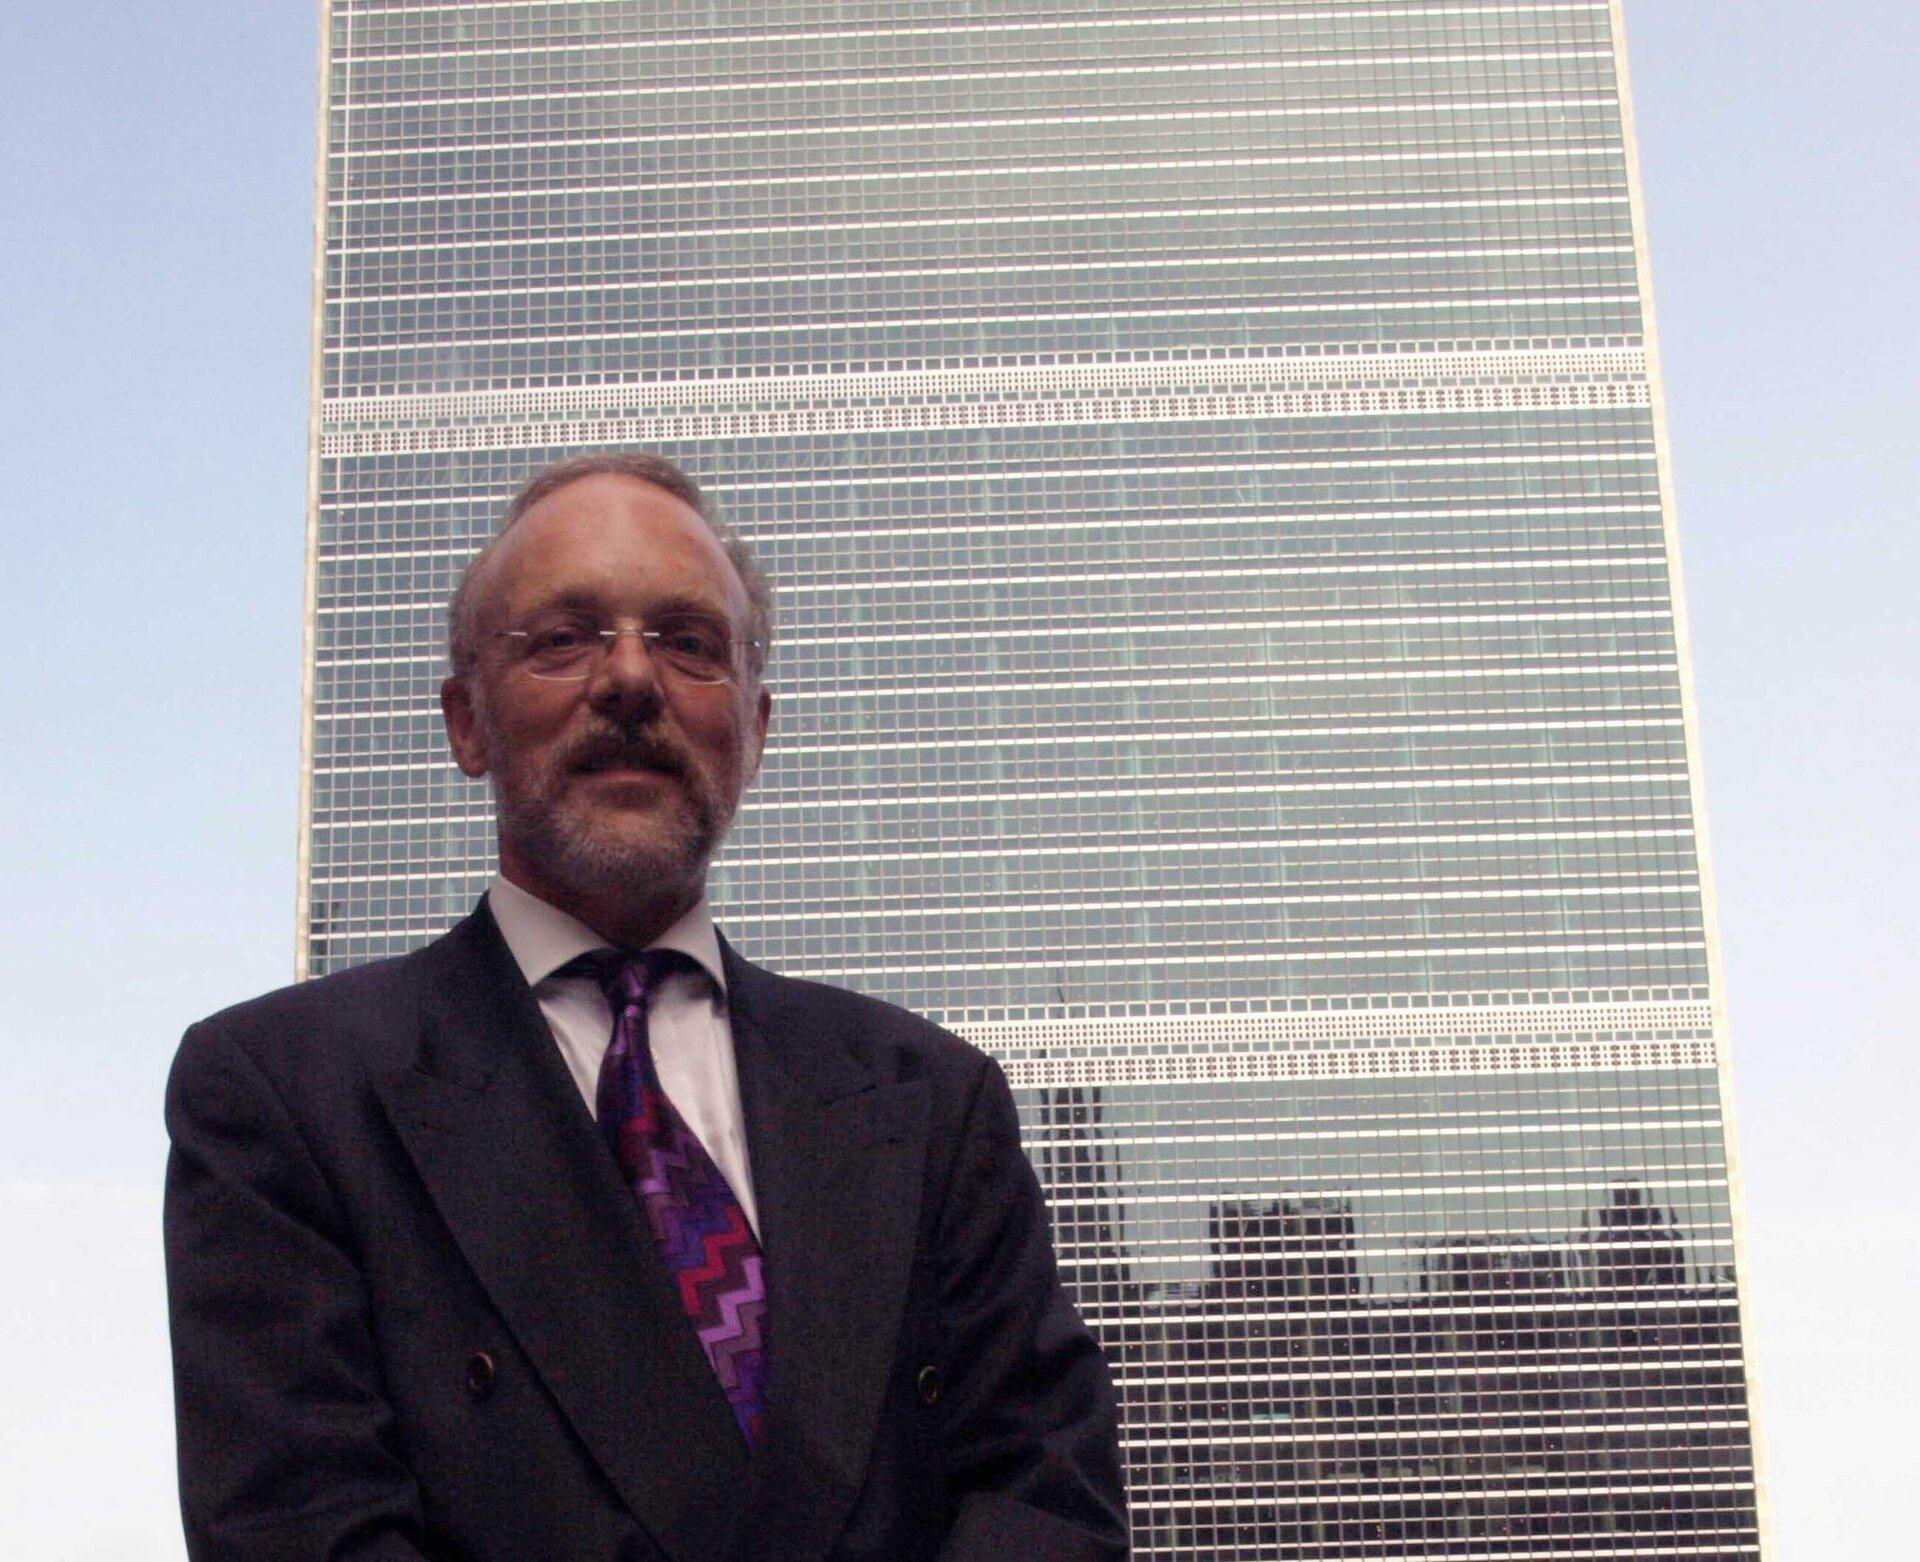 Franz Baumann vor dem UN-Gebäude in New York